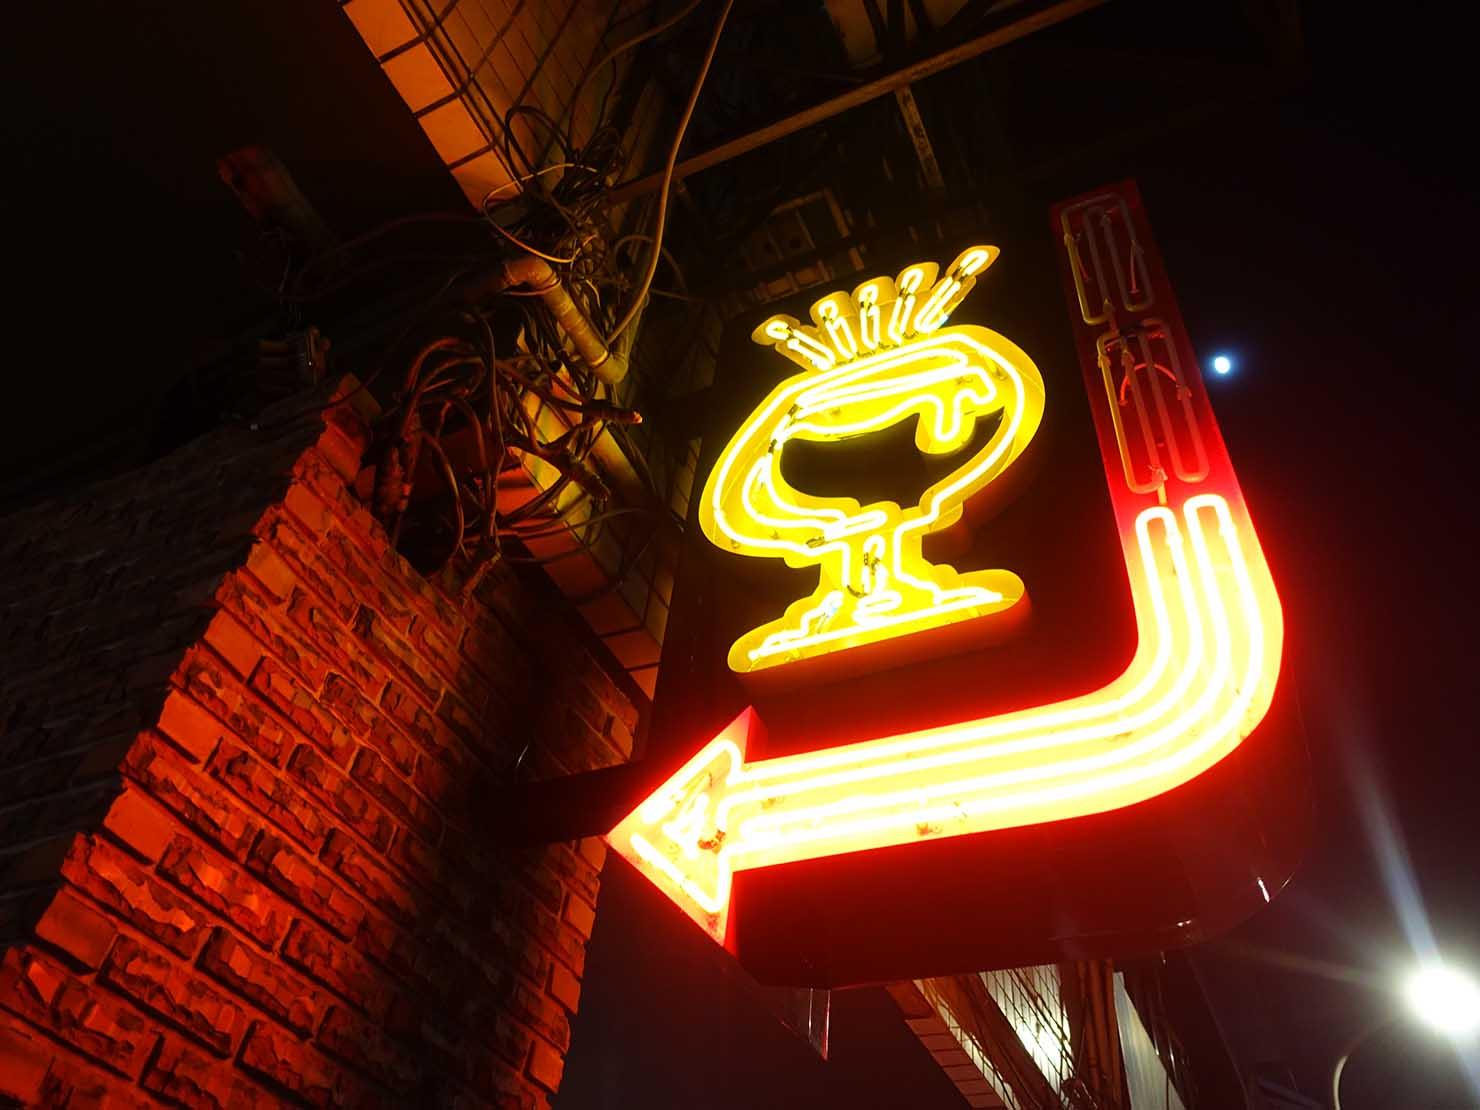 台中駅前のおすすめデザインホテル「紅點文旅 RedDot Hotel」のバー・SAOBAOの看板